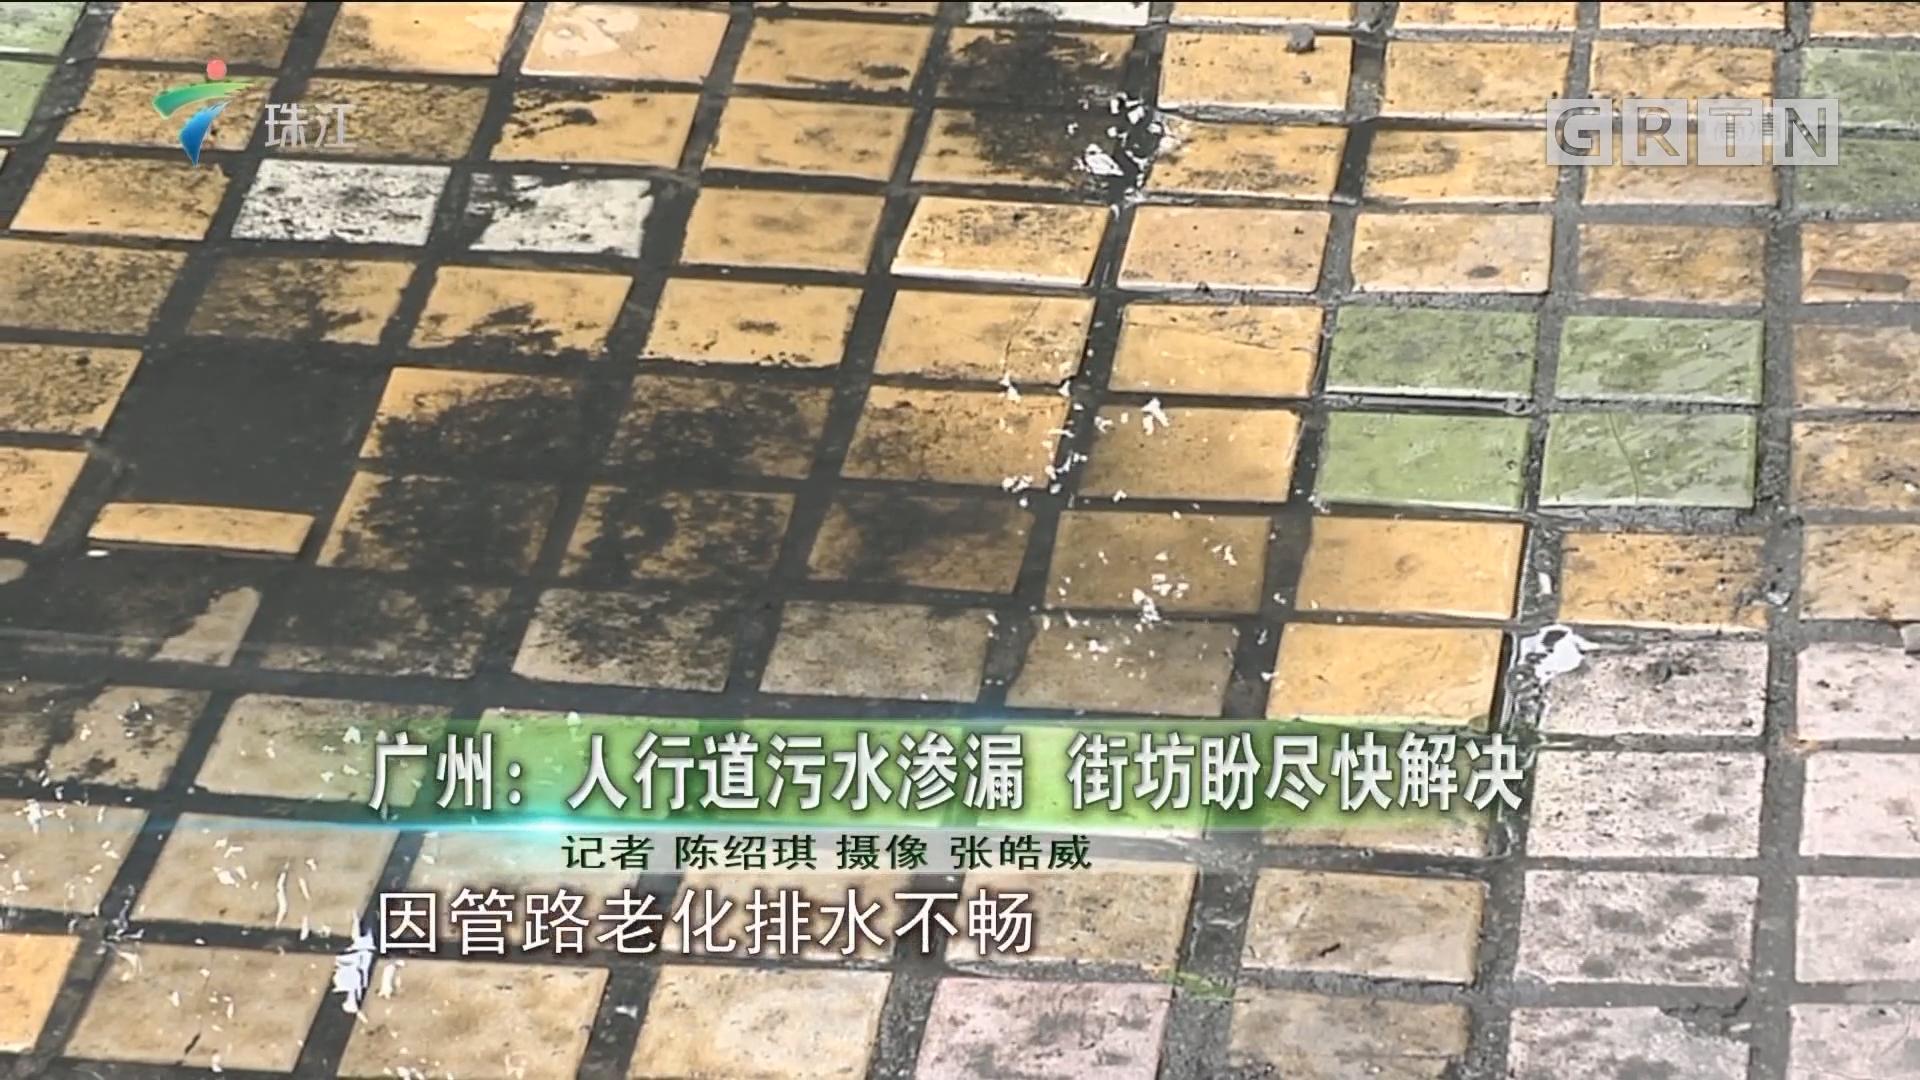 广州:人行道污水渗漏 街坊盼尽快解决